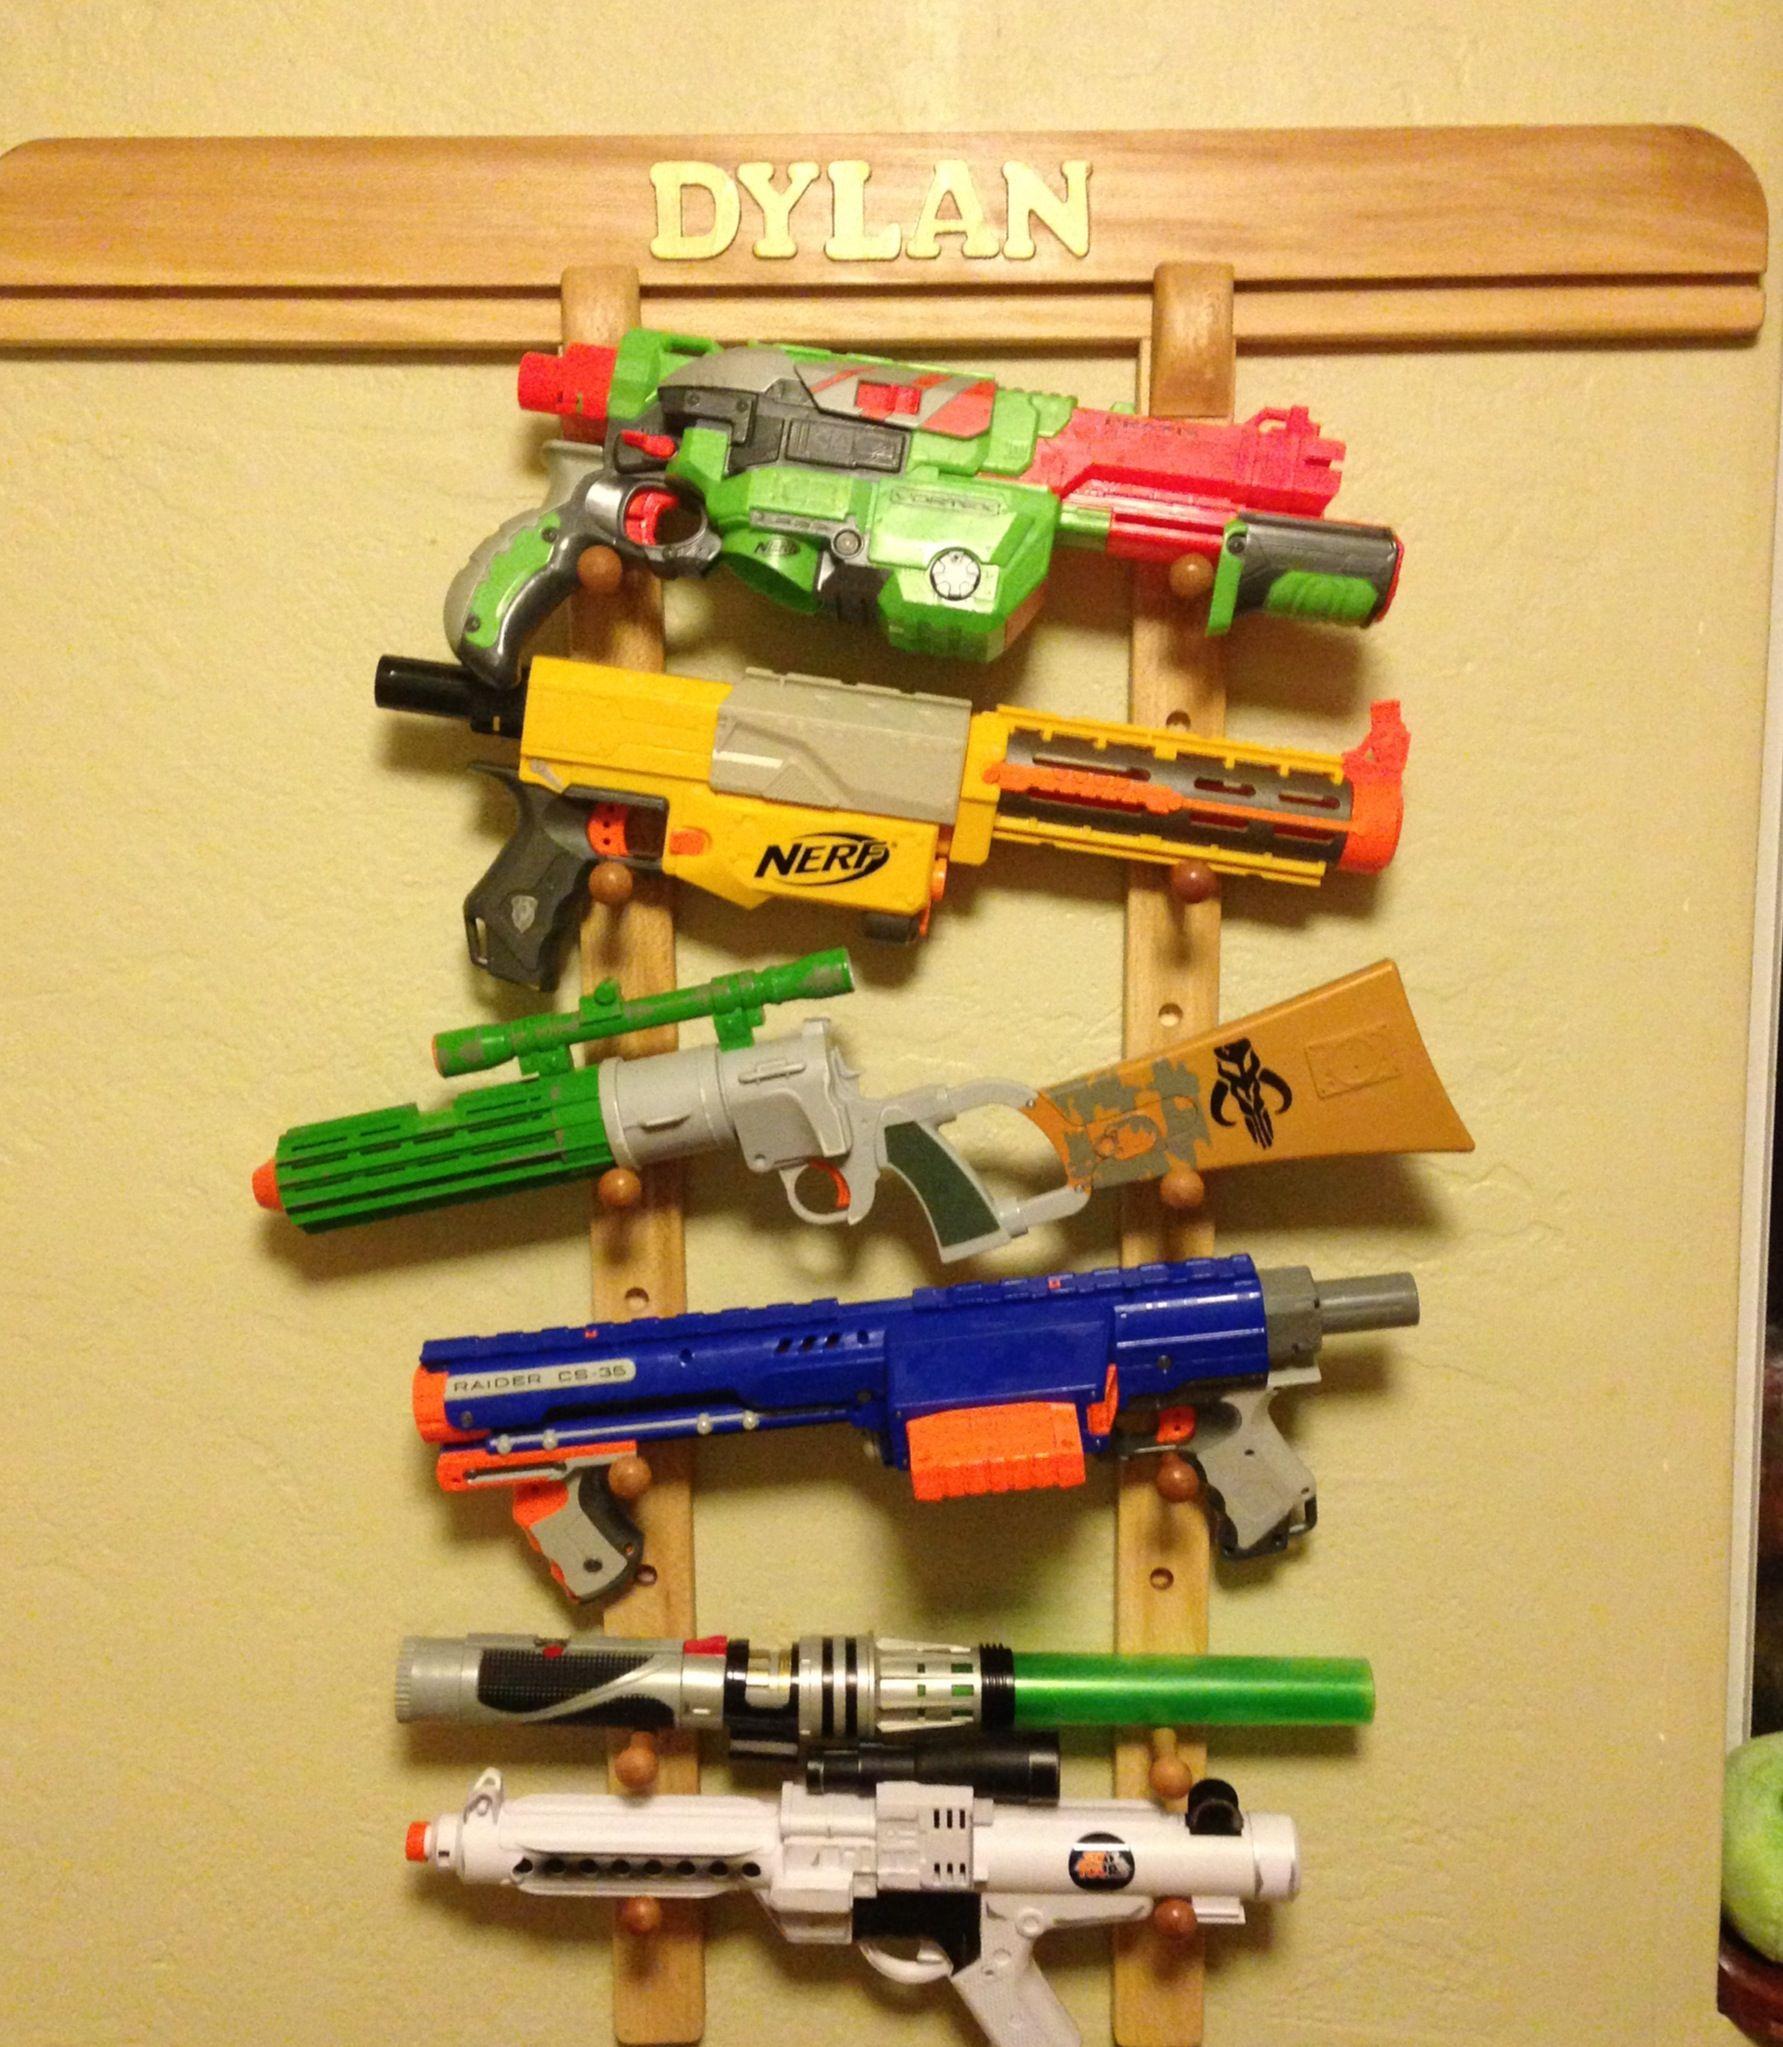 Nerf gun organizer | Lucas | Pinterest | Guns, Room and Nerf gun ...